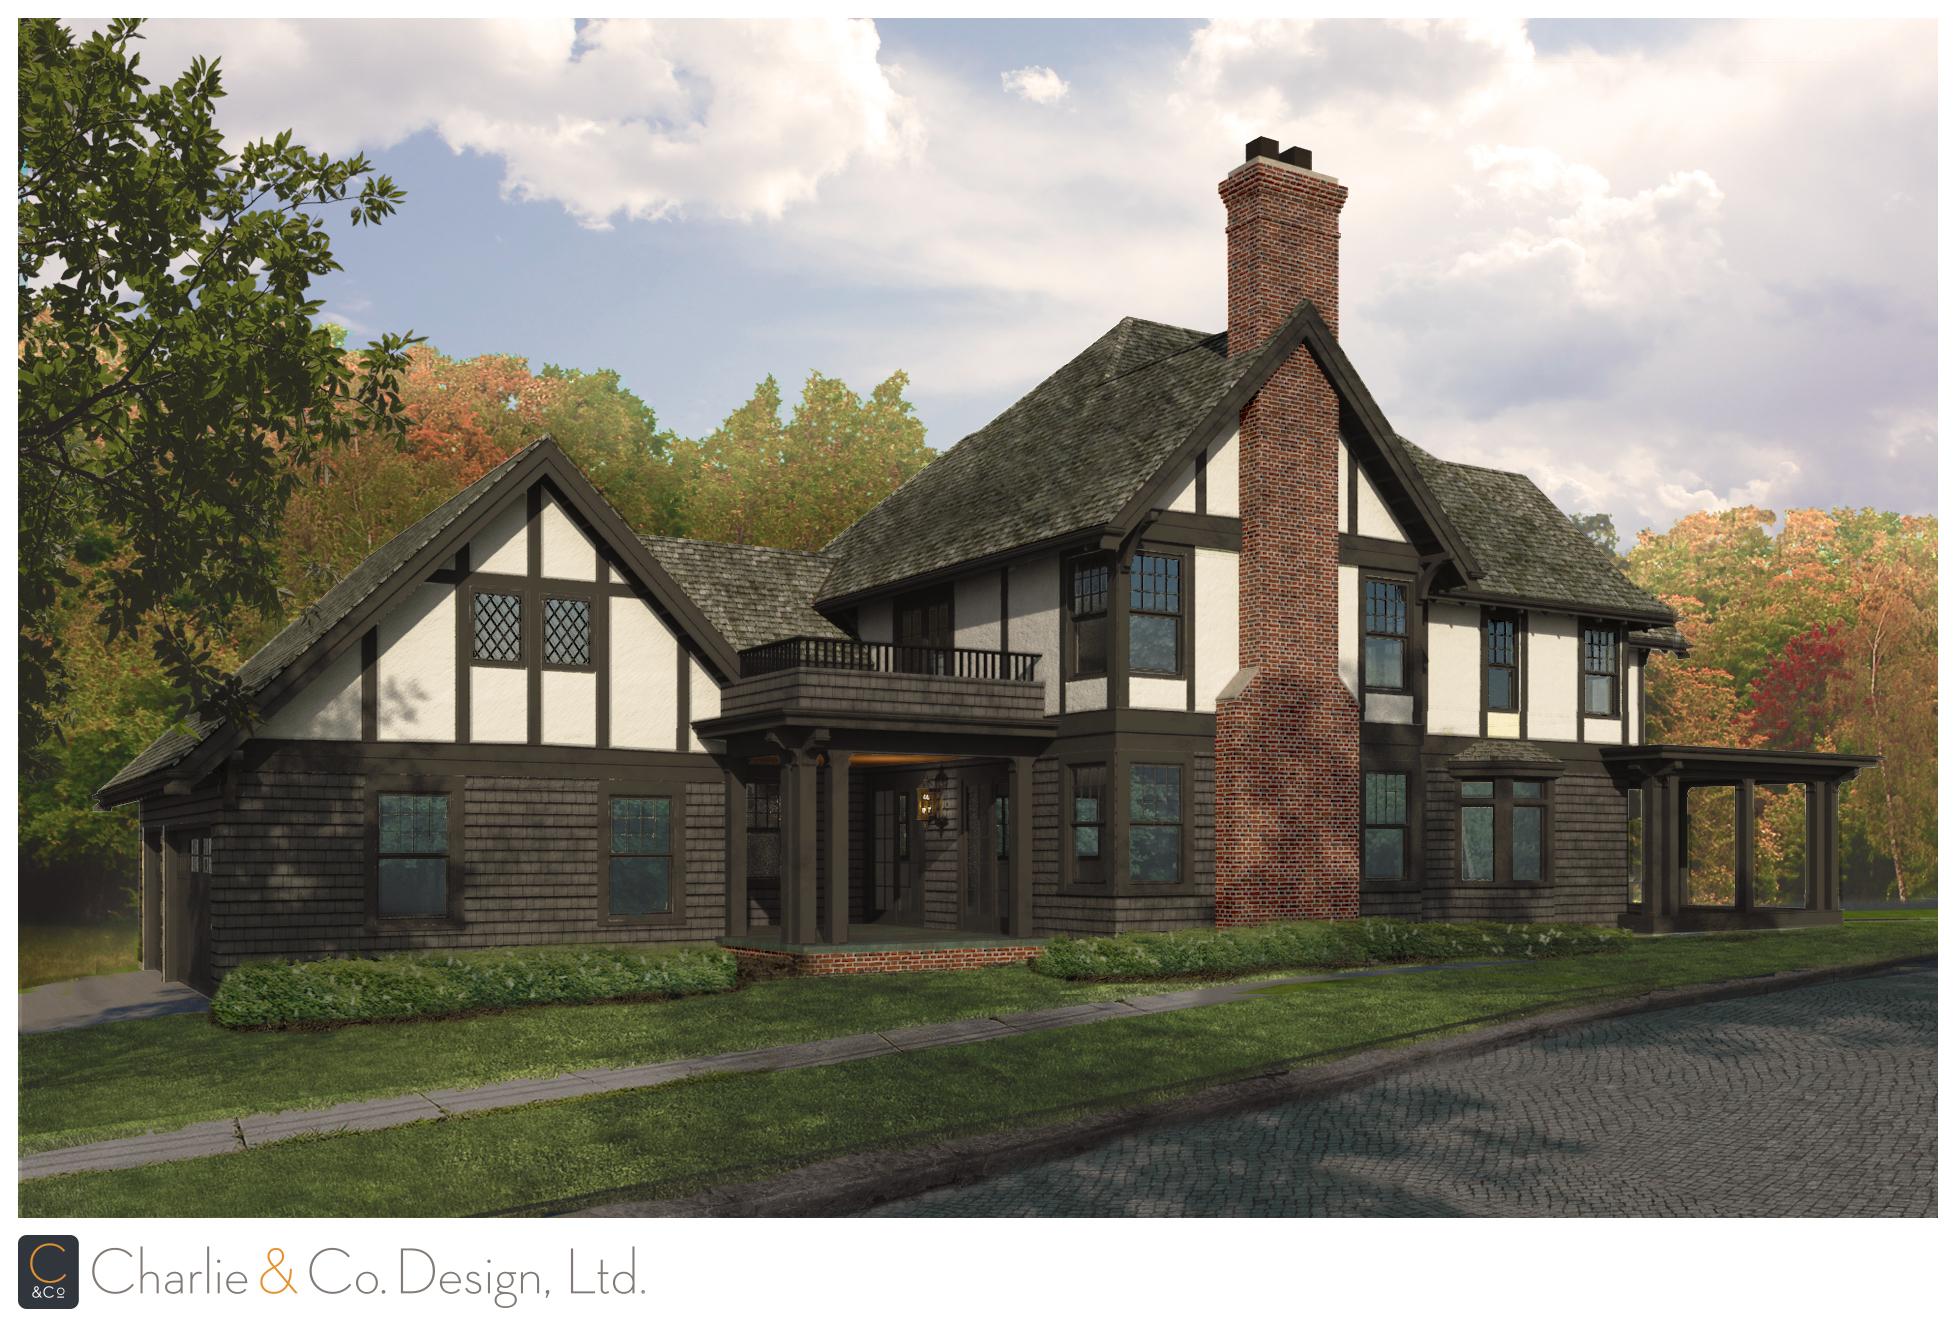 独户住宅 为 销售 在 735 Osceola Avenue Summit Hill, 圣保罗, 明尼苏达州, 55105 美国